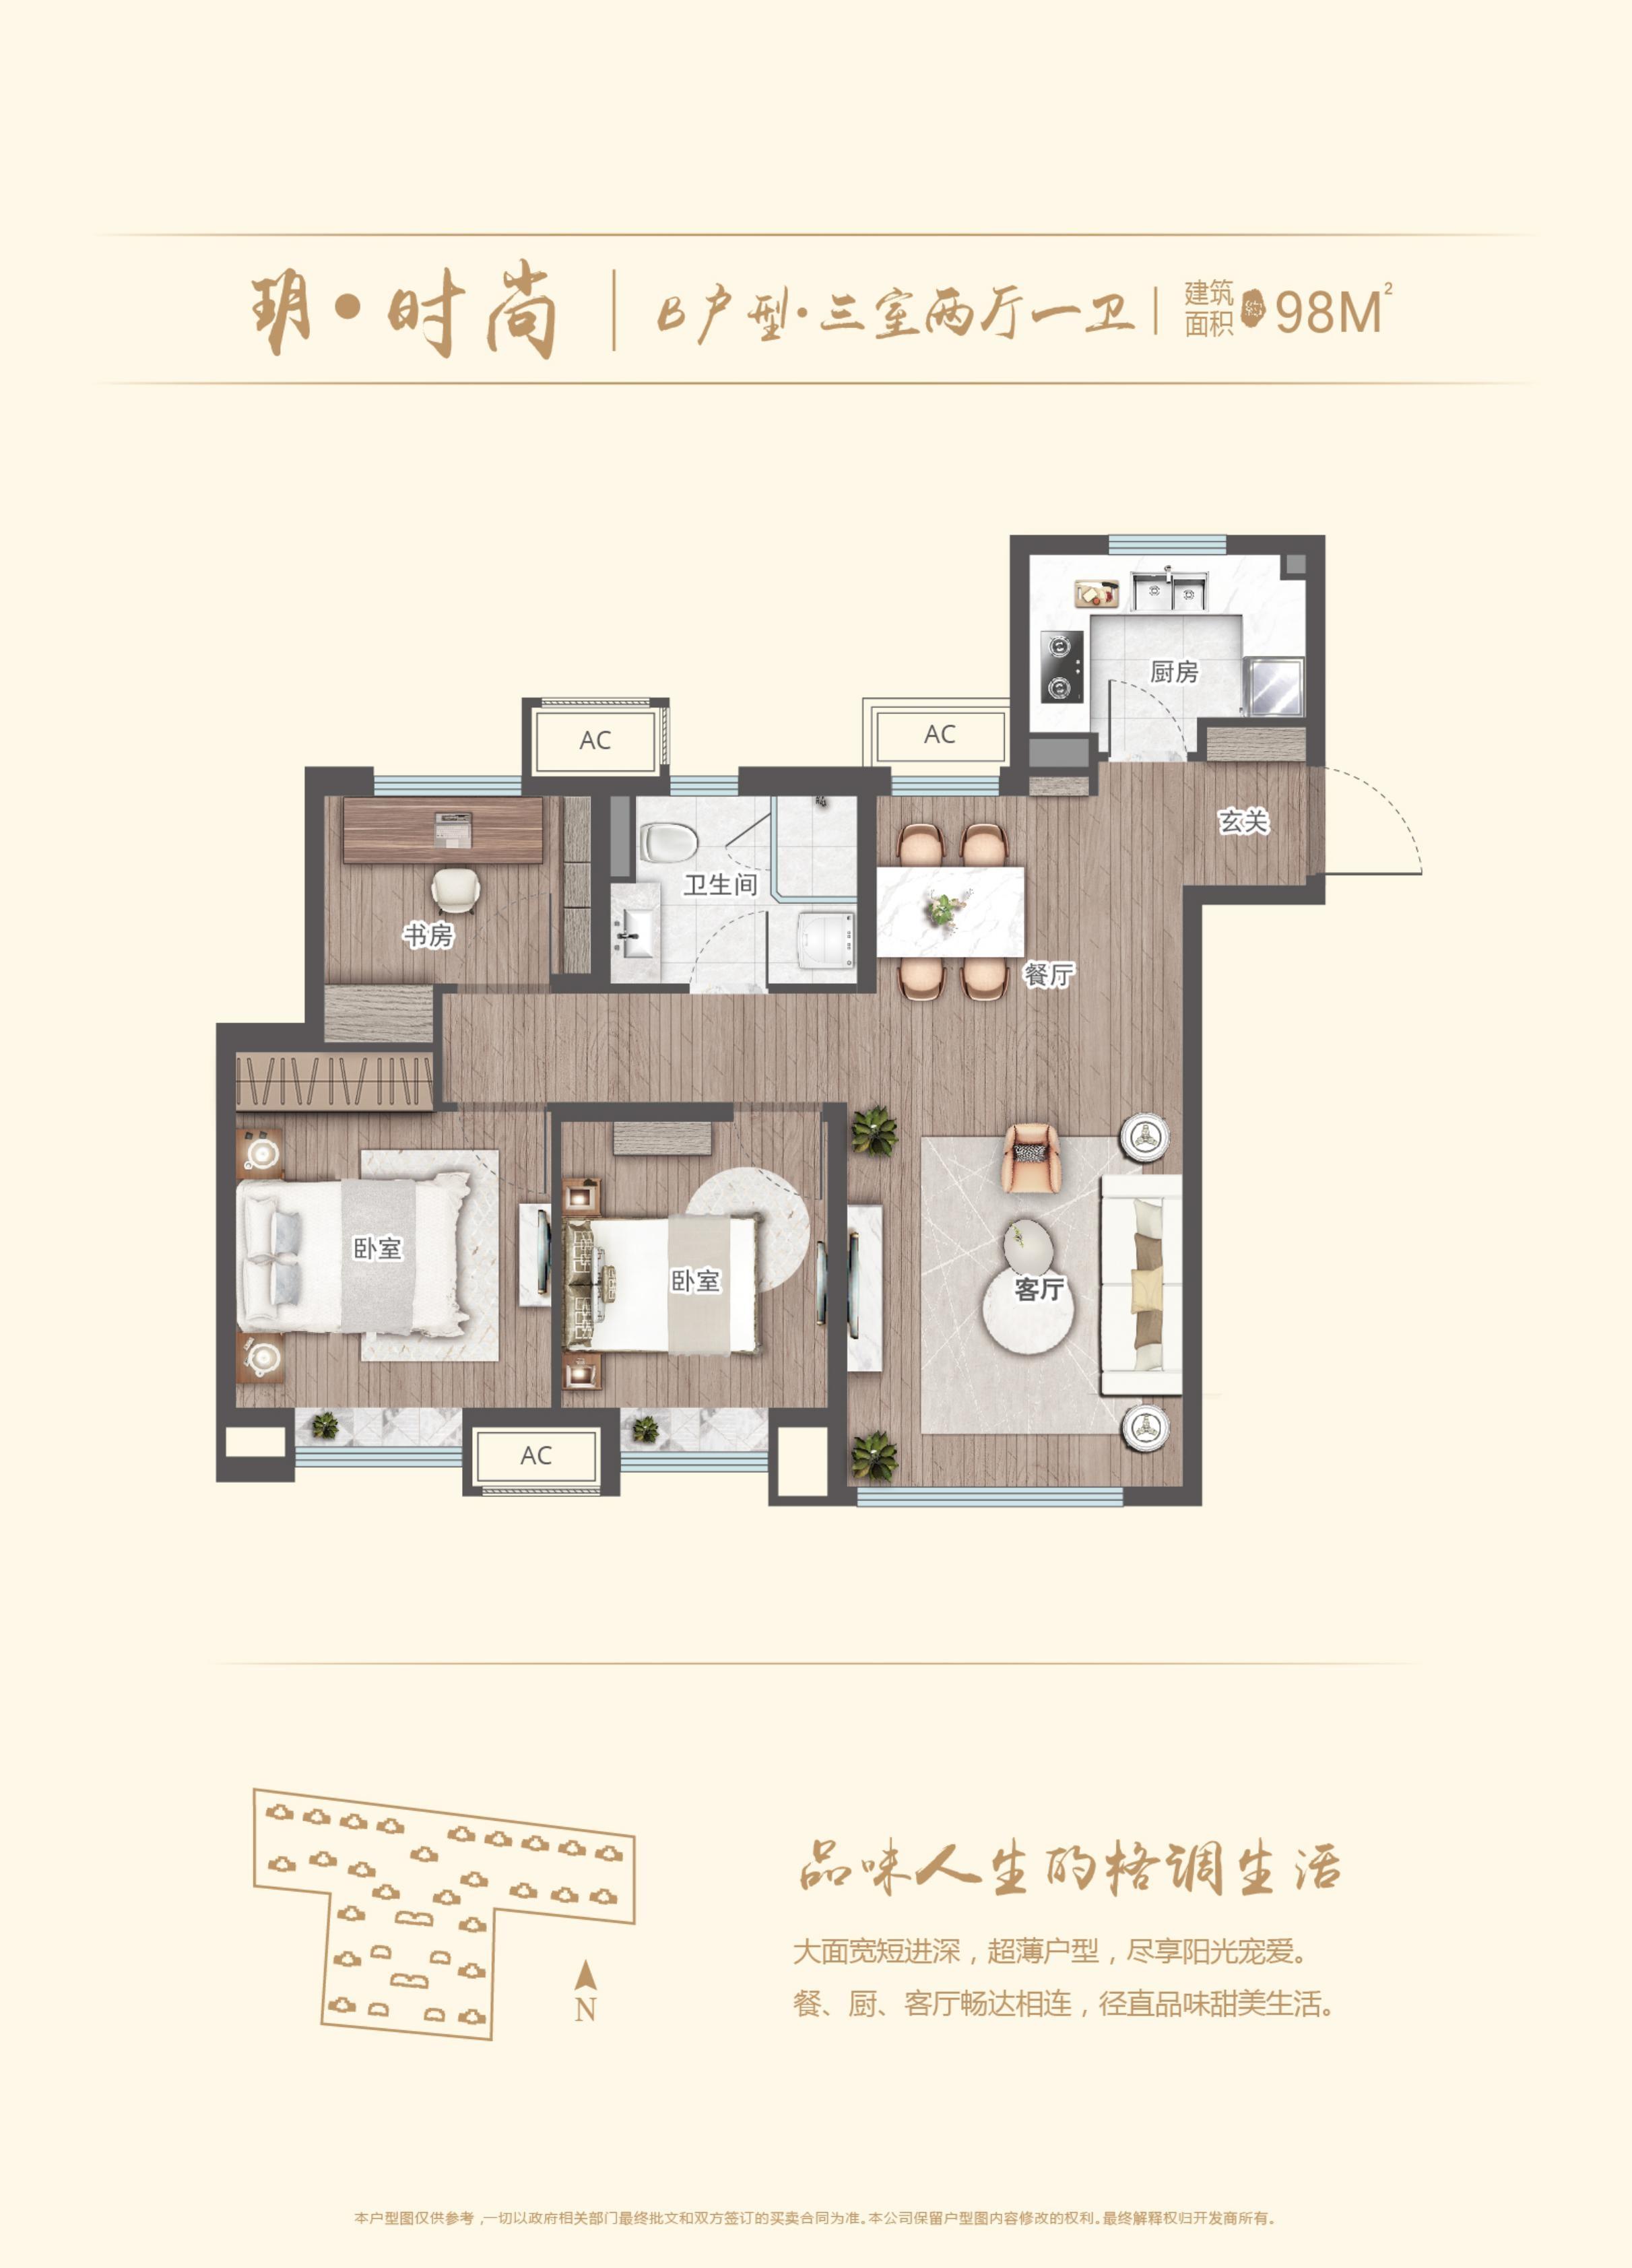 B户型 建筑面积约98平米 三室两厅一卫